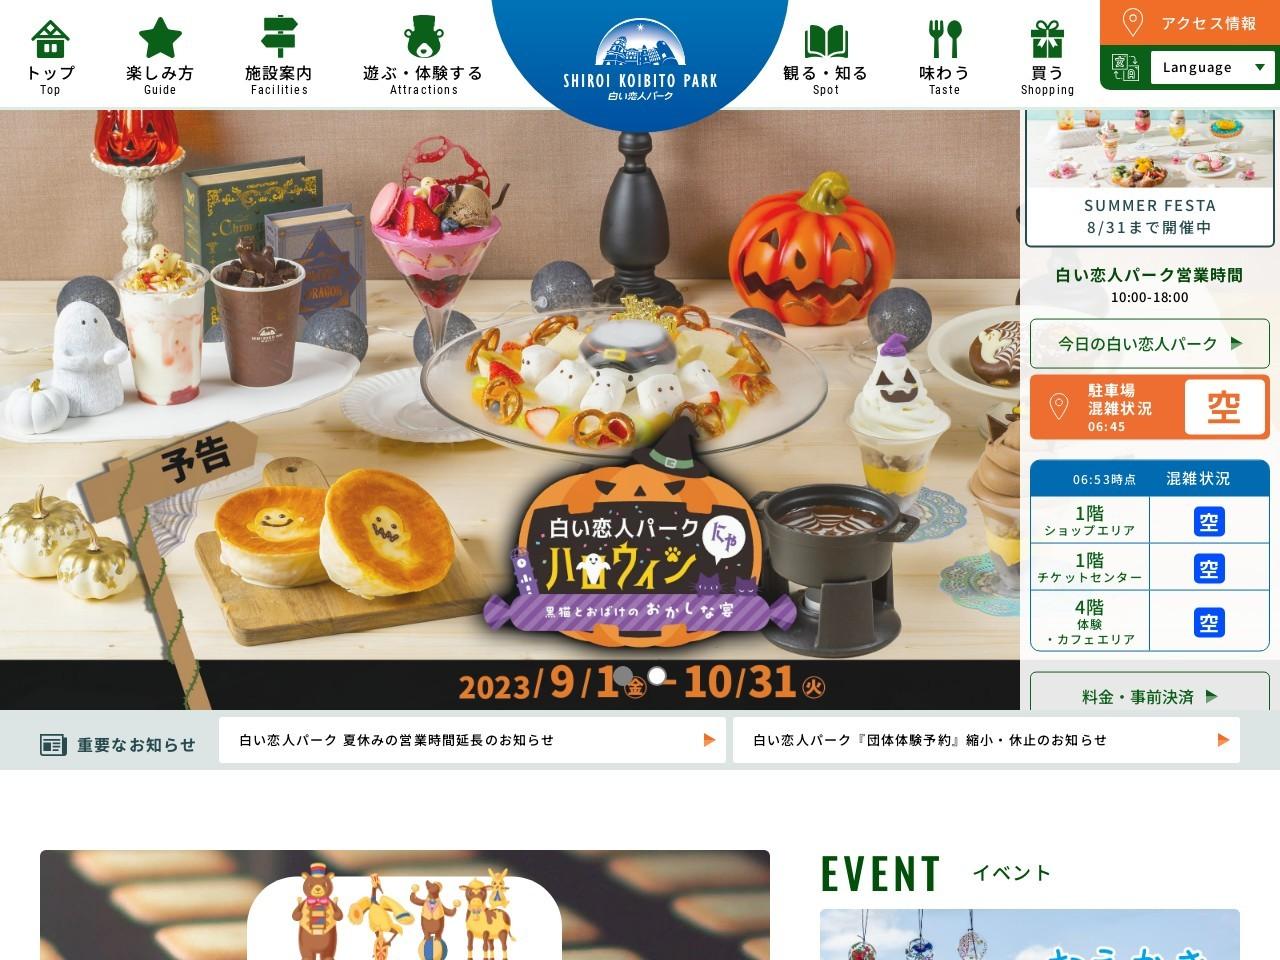 http://www.shiroikoibitopark.jp/